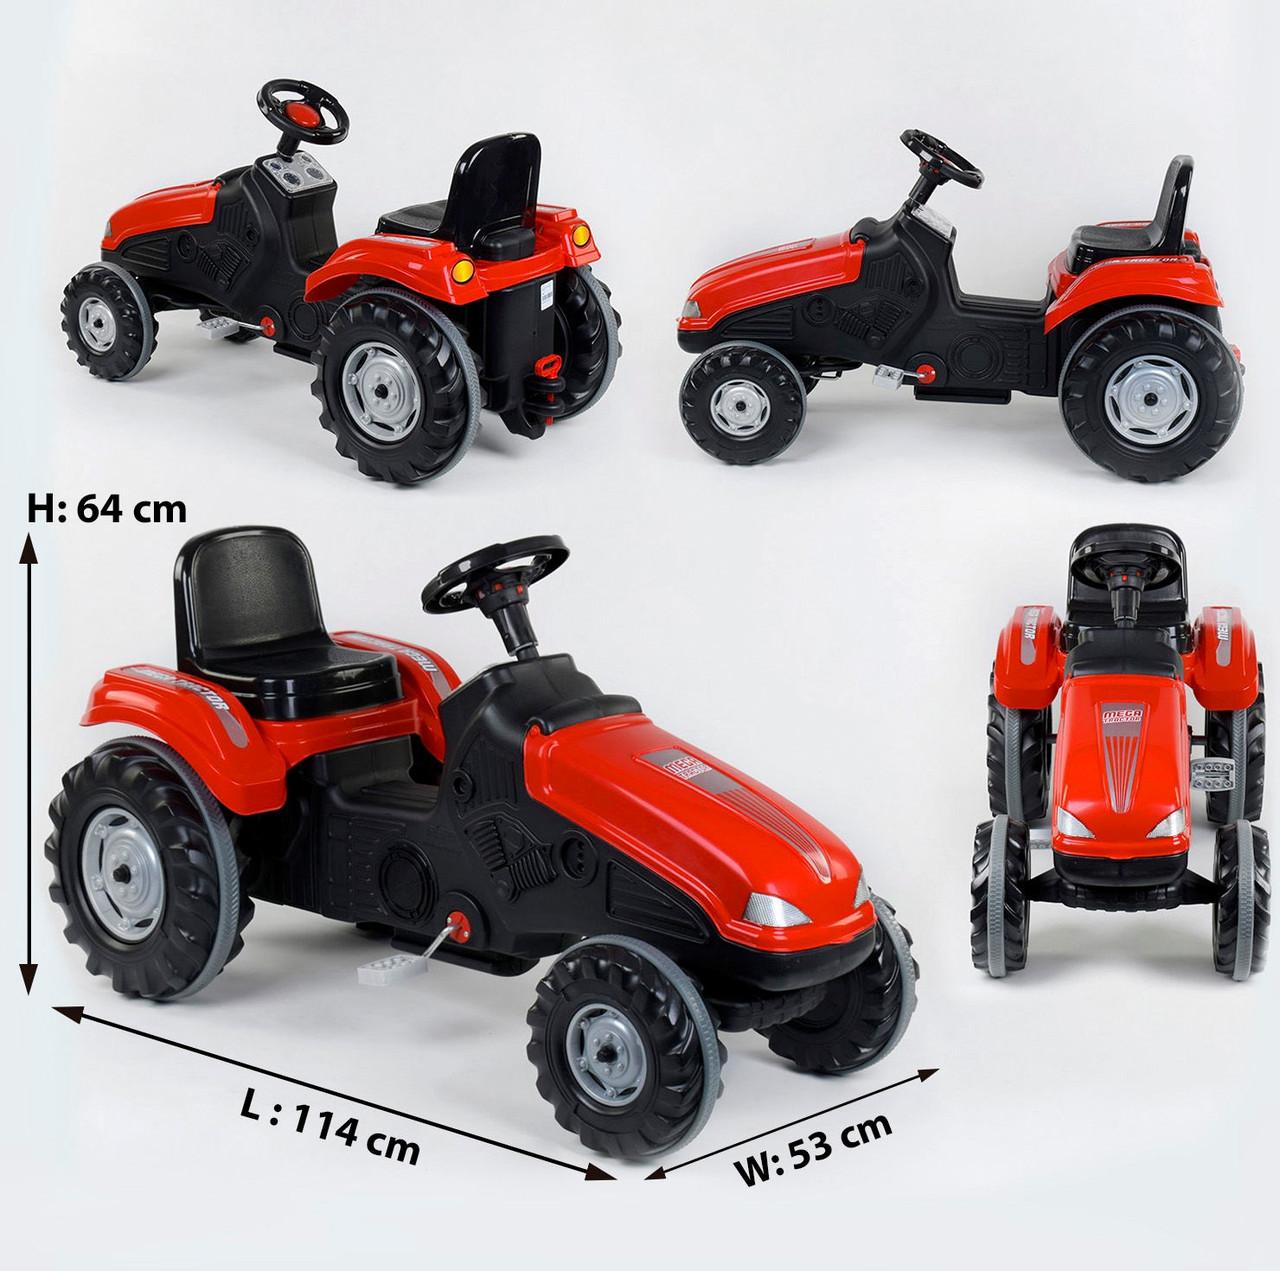 Трактор для детей педальный 07-321 red красный (веломобиль)